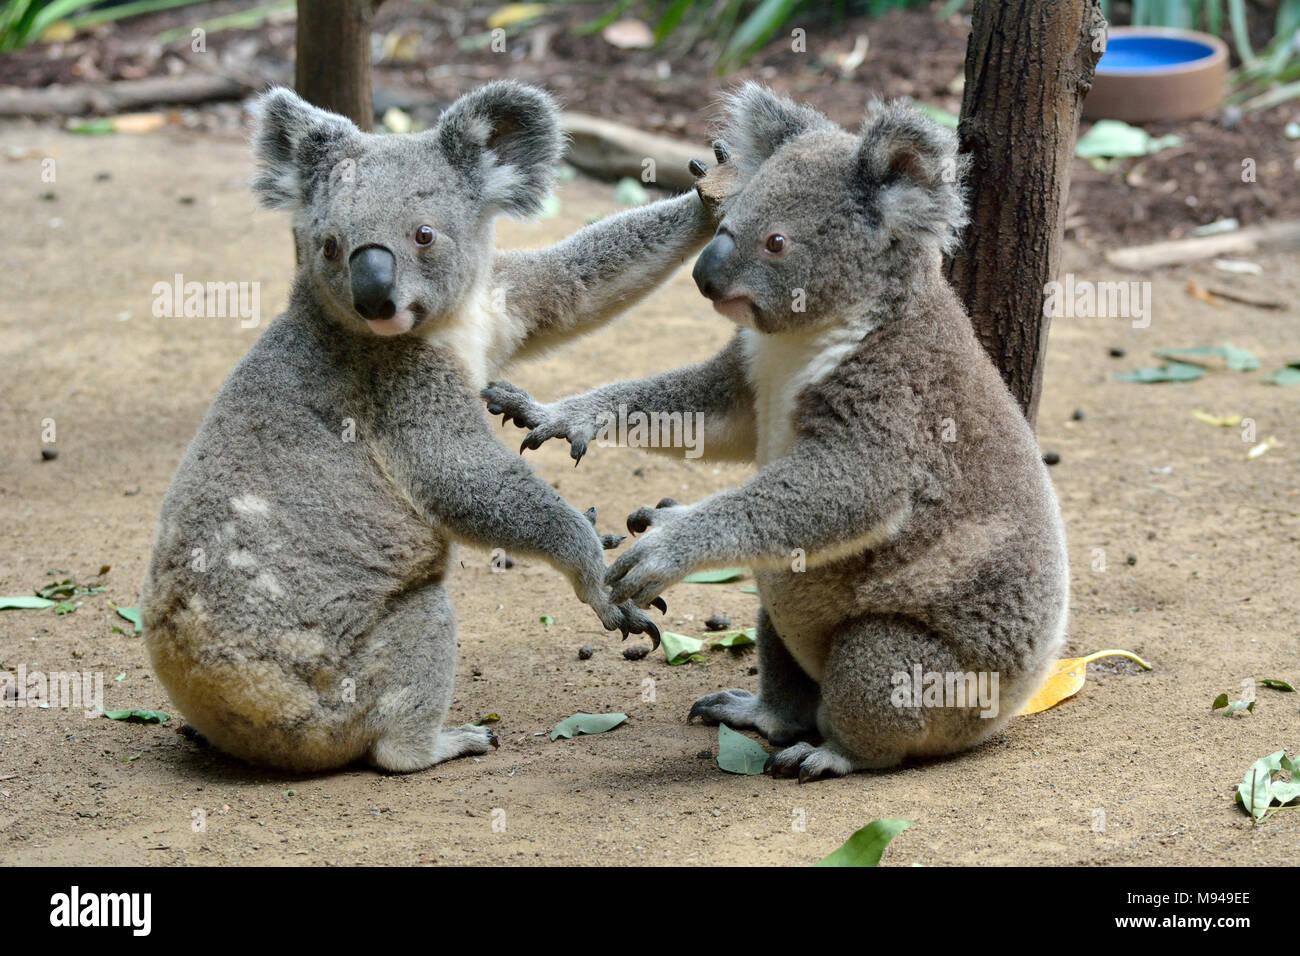 zwei Koalas Australien Grußkarte